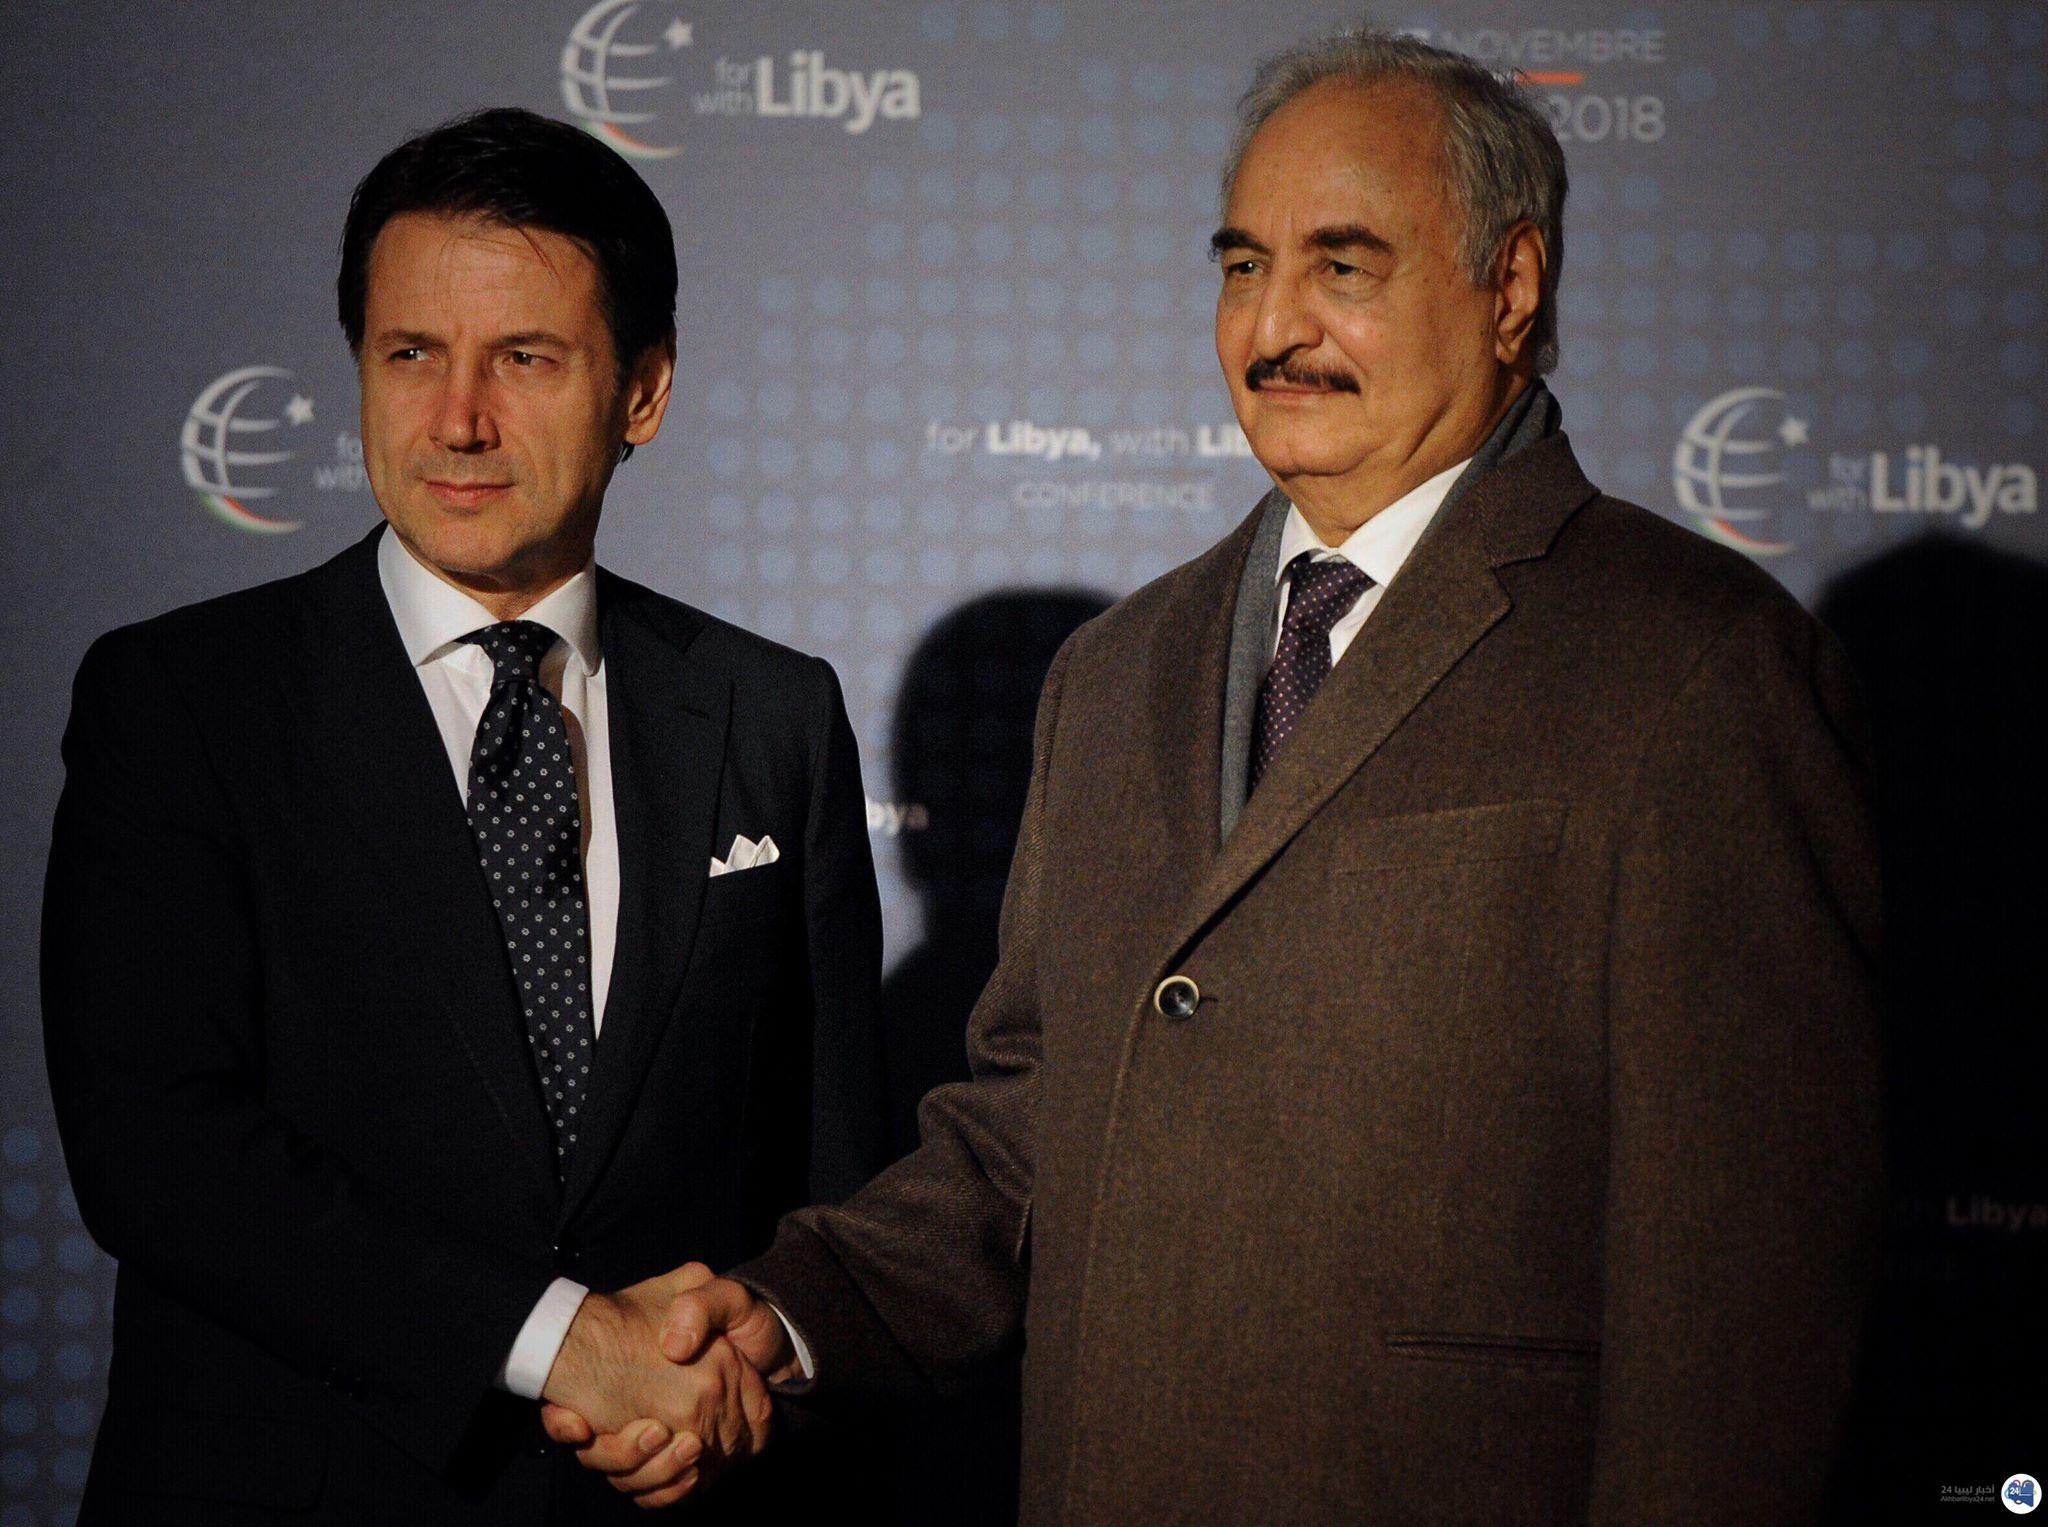 صورة قيادة الجيش الليبي : حفتر لن يشارك في مؤتمر باليرمو